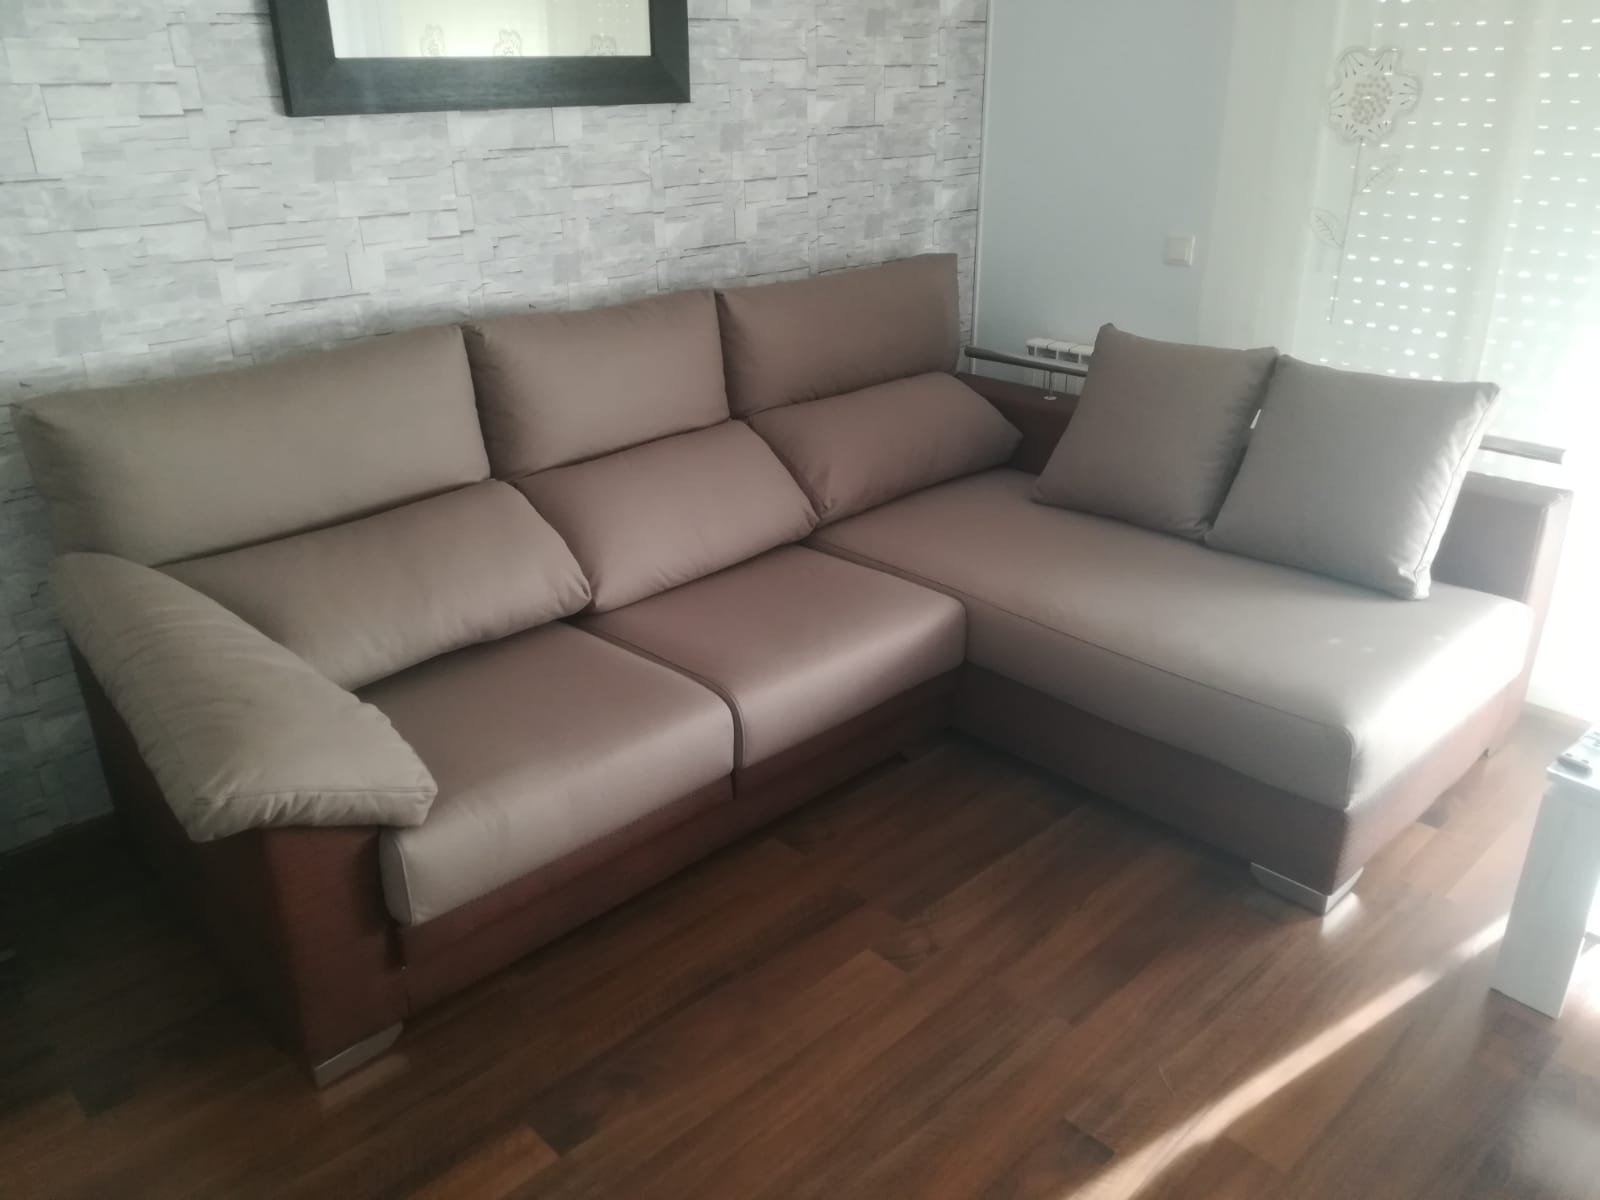 sofa medida rinconero 2 tonos marrones